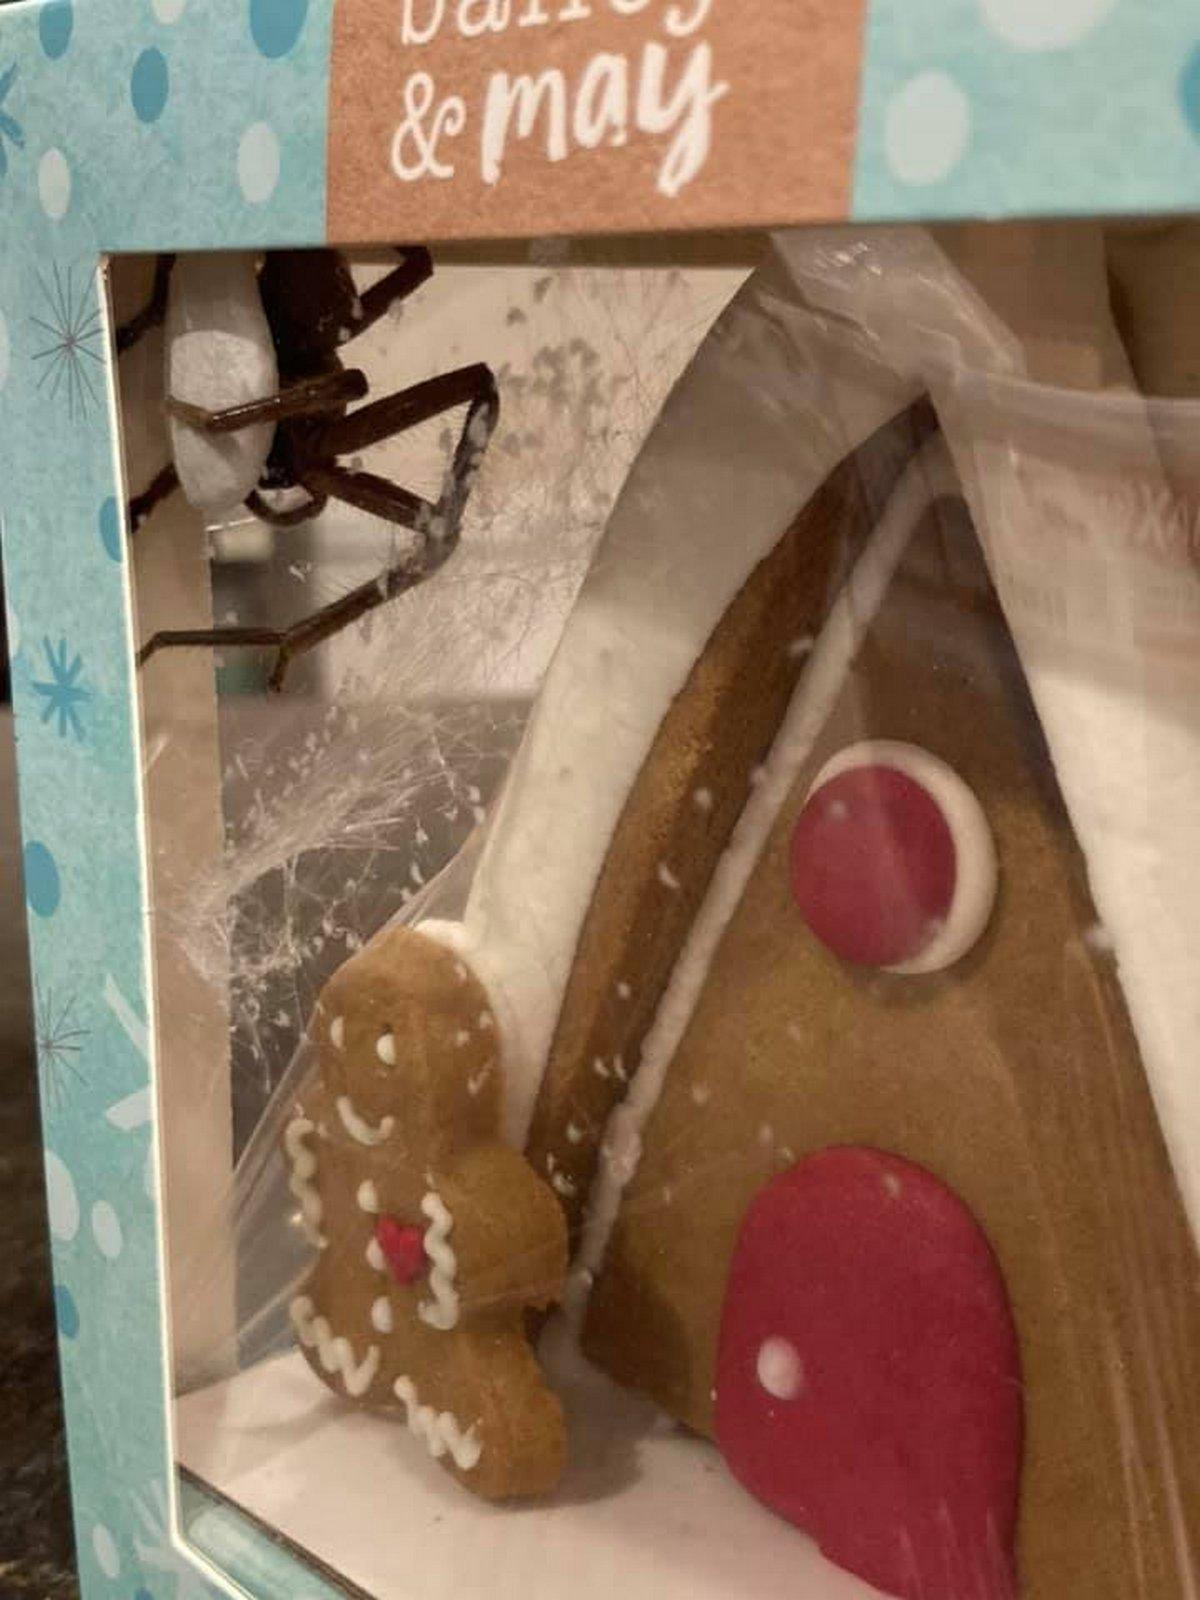 Une femme trouve une énorme araignée qui vit dans sa maison de pain d'épices de Noël